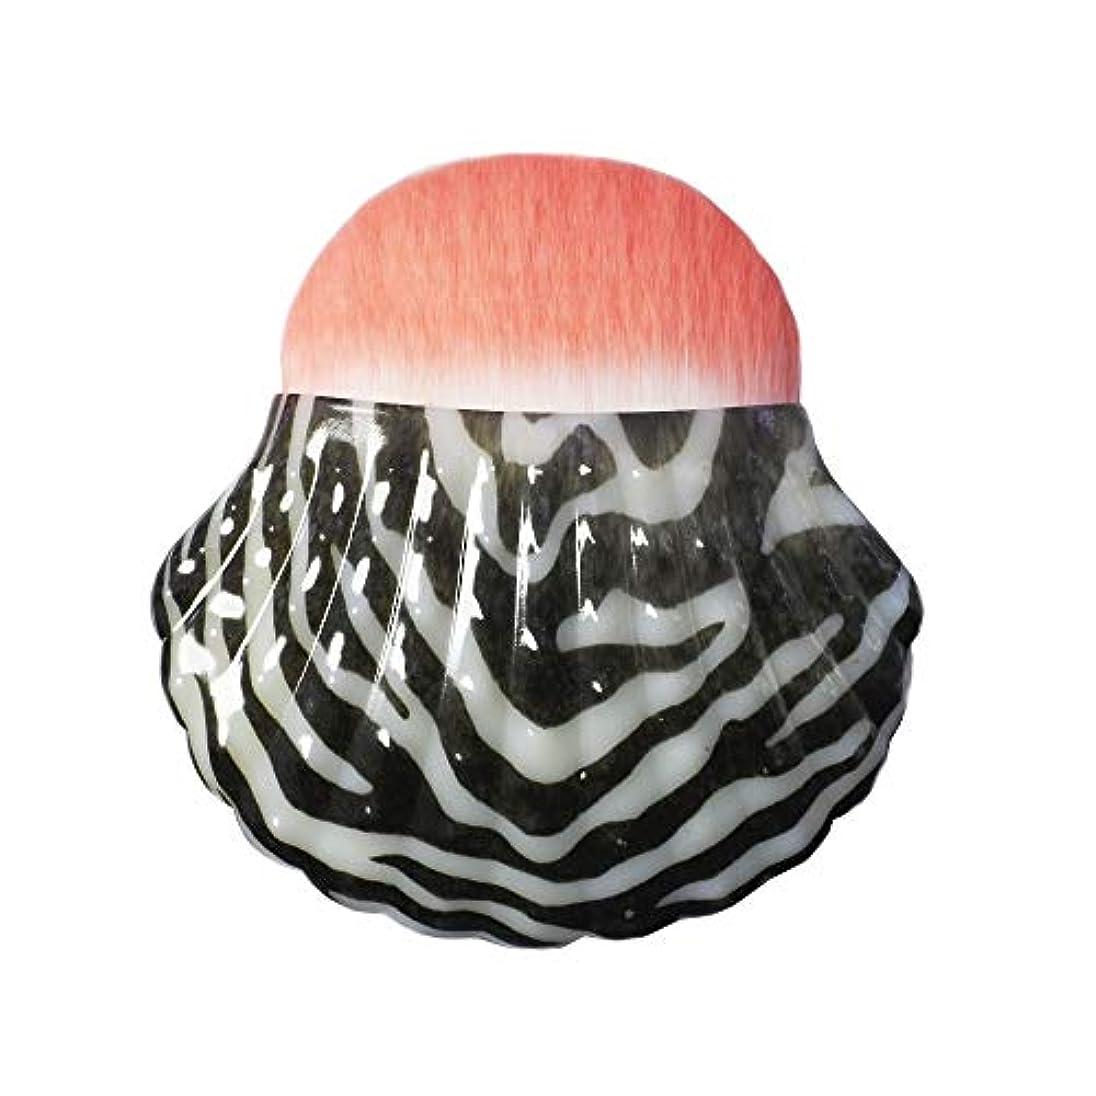 温度一般的なマイナーMakeup brushes 黒と白のパターン、個々のシェルタイプブラッシュブラシ美容メイクブラシツールポータブル多機能メイクブラシ suits (Color : Leopard)